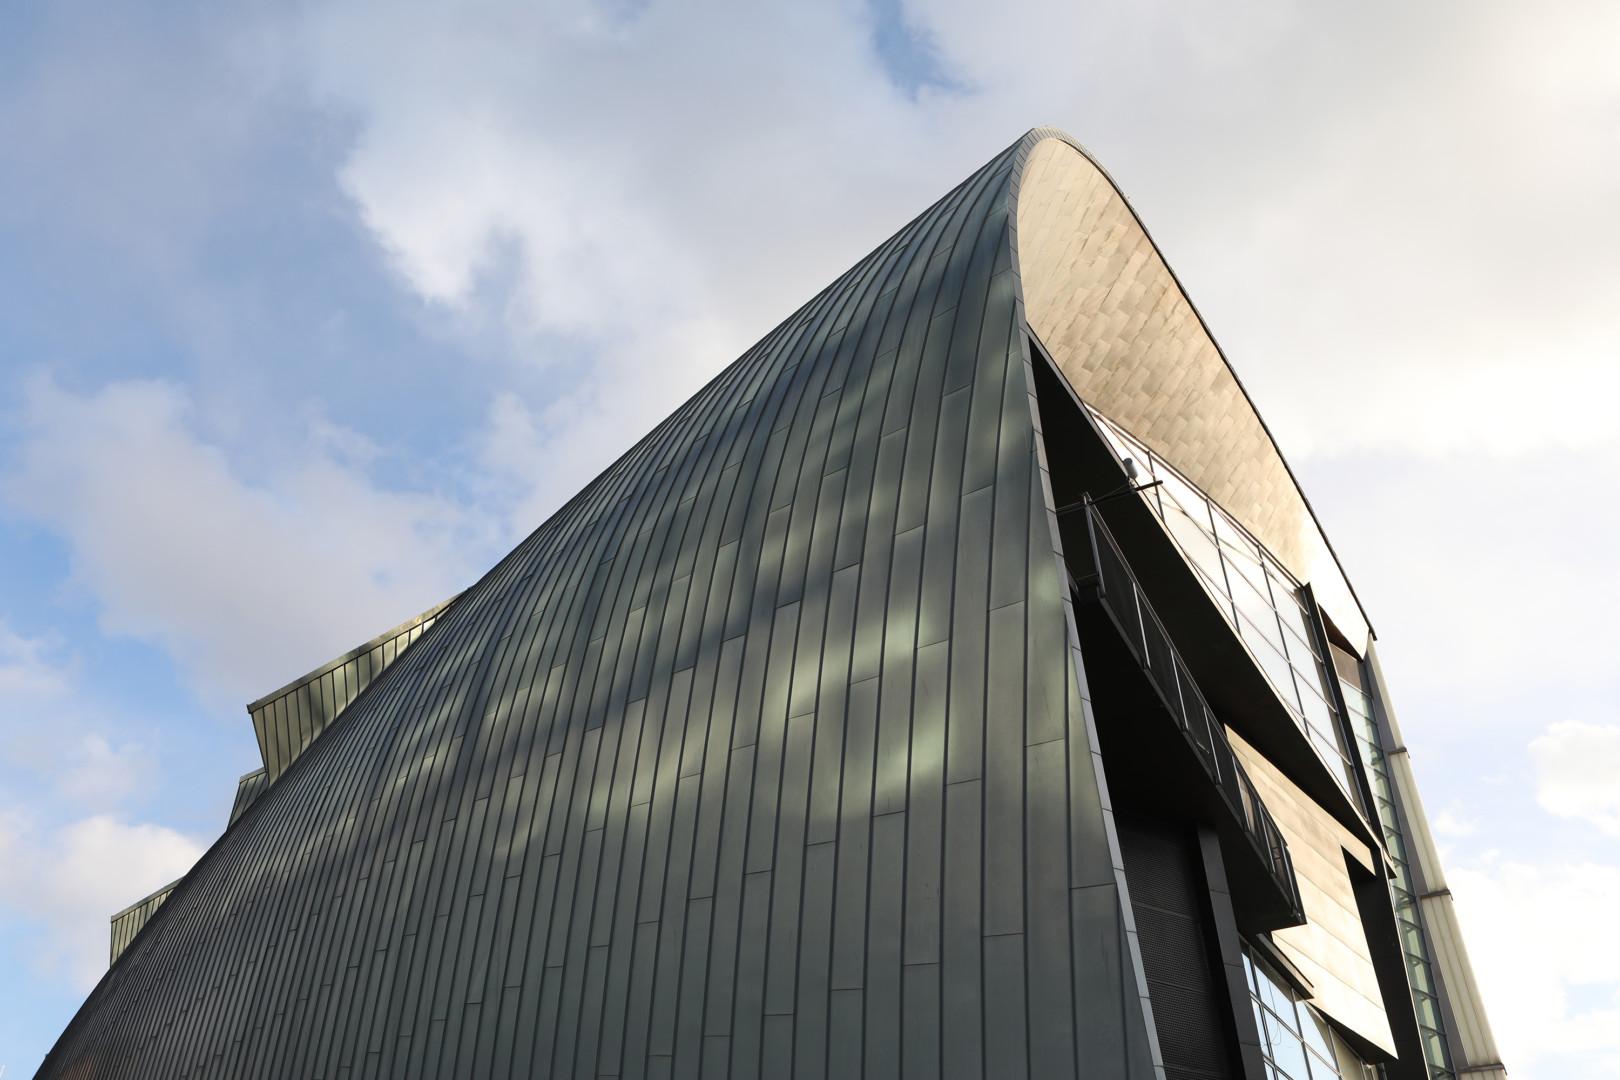 Kiasma-rakennuksen katto ja seinää vasten puolipilvistä taivasta.